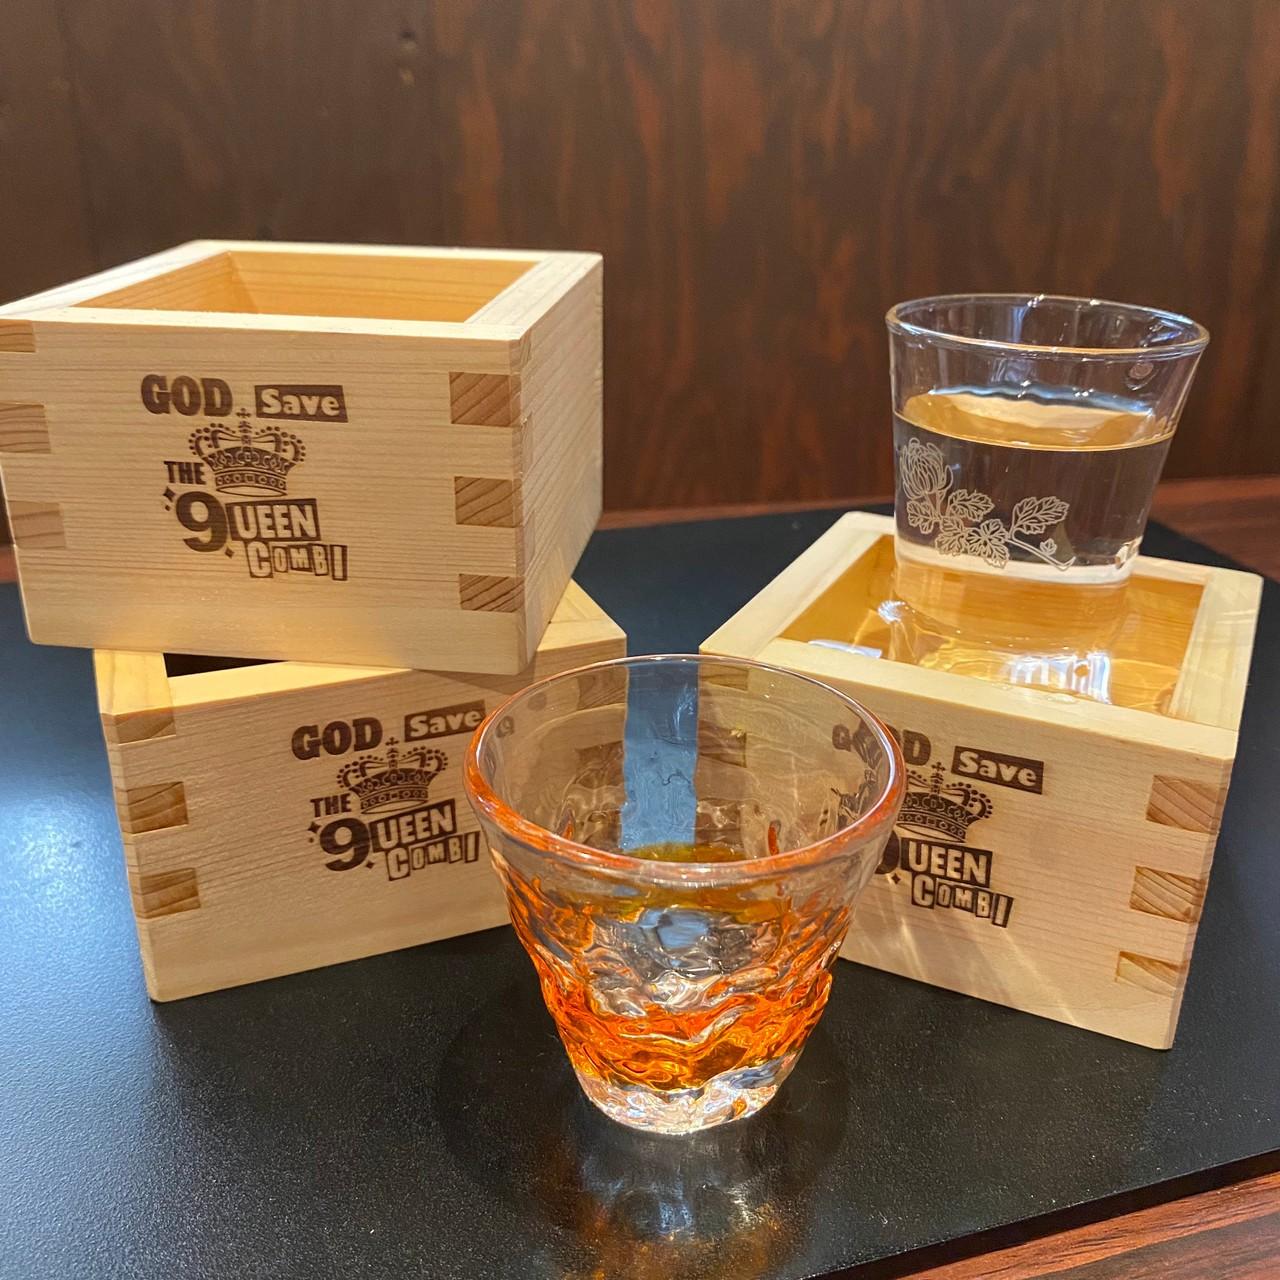 家で飲む日本酒を香り豊かな風味に変える魔法の枡!こんびオリジナルひのき枡